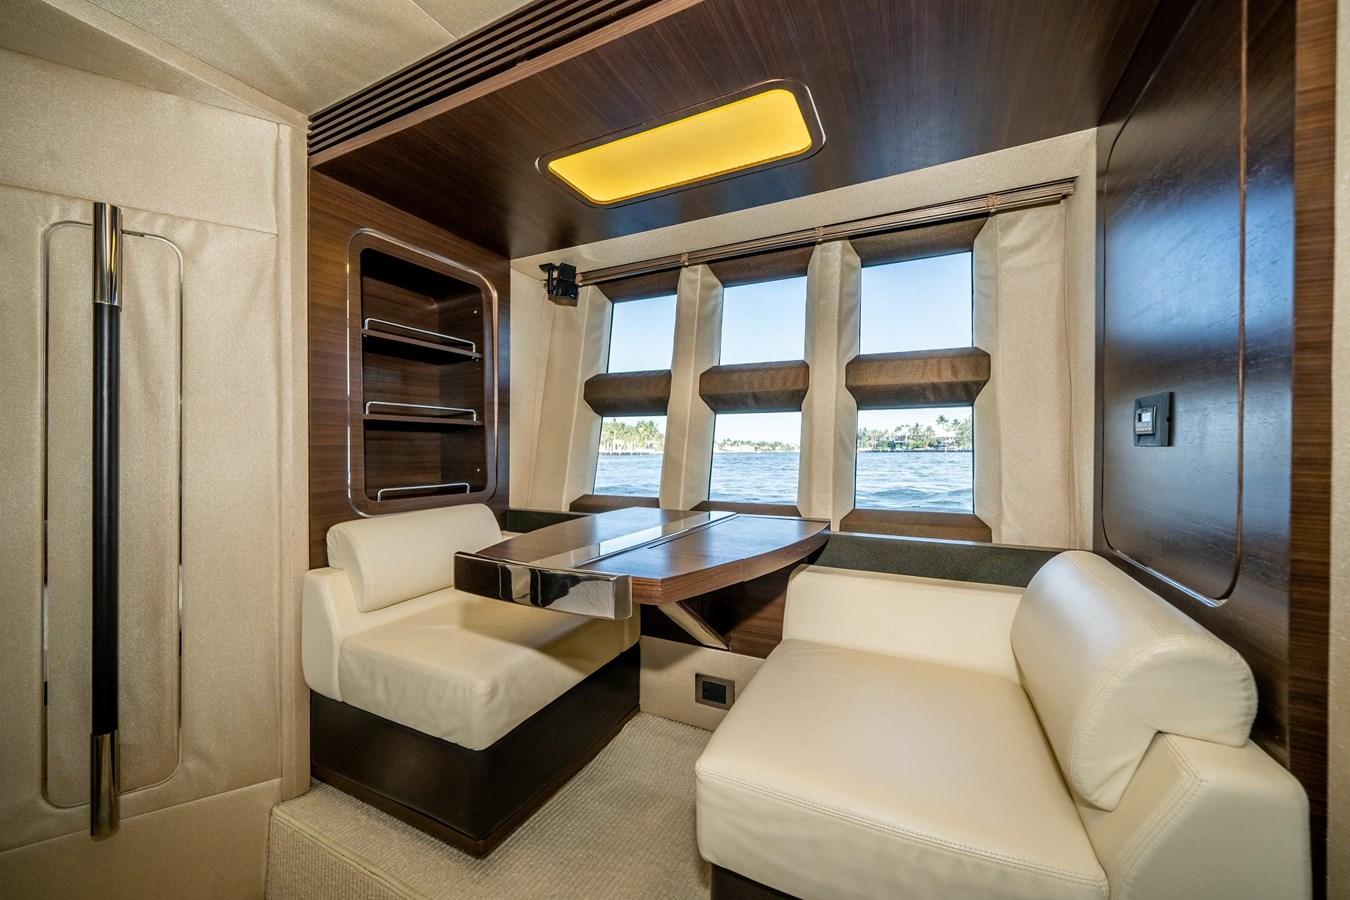 7043236_20190419105400504_1_XLARGE 2013 AZIMUT 72S Motor Yacht 2887469